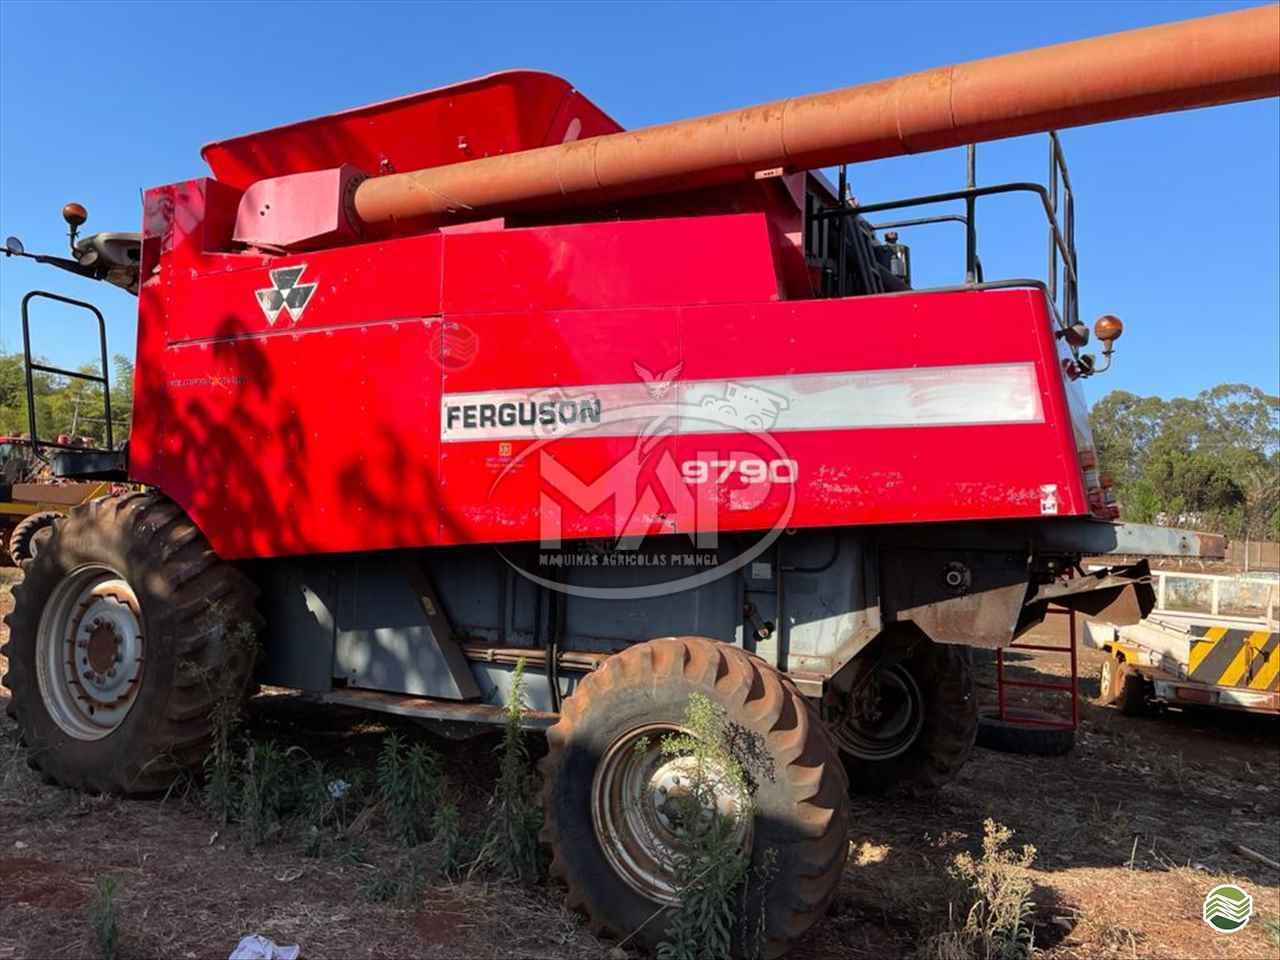 COLHEITADEIRA MASSEY FERGUSON MF 9790 Máquinas Agrícolas Pitanga PITANGA PARANÁ PR